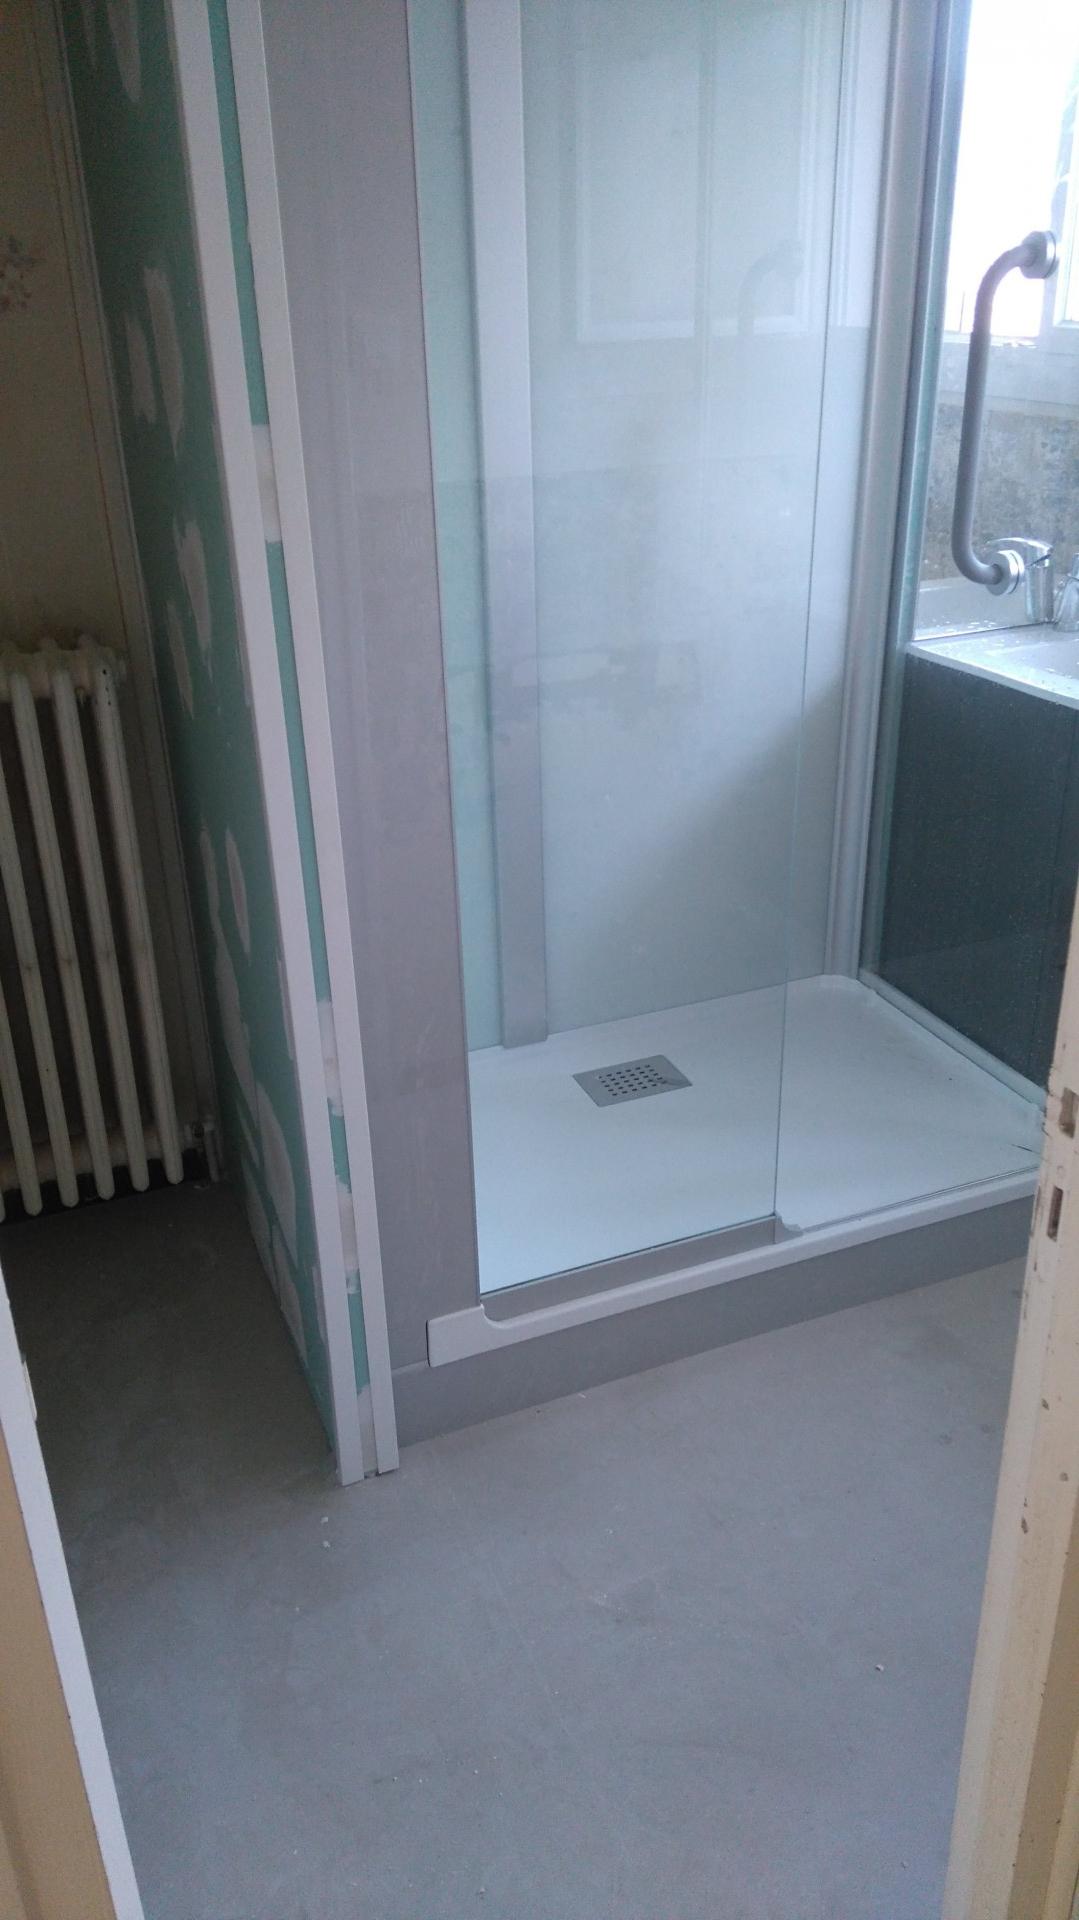 Installation d'une cabine de douche kinedo + meuble vasque.